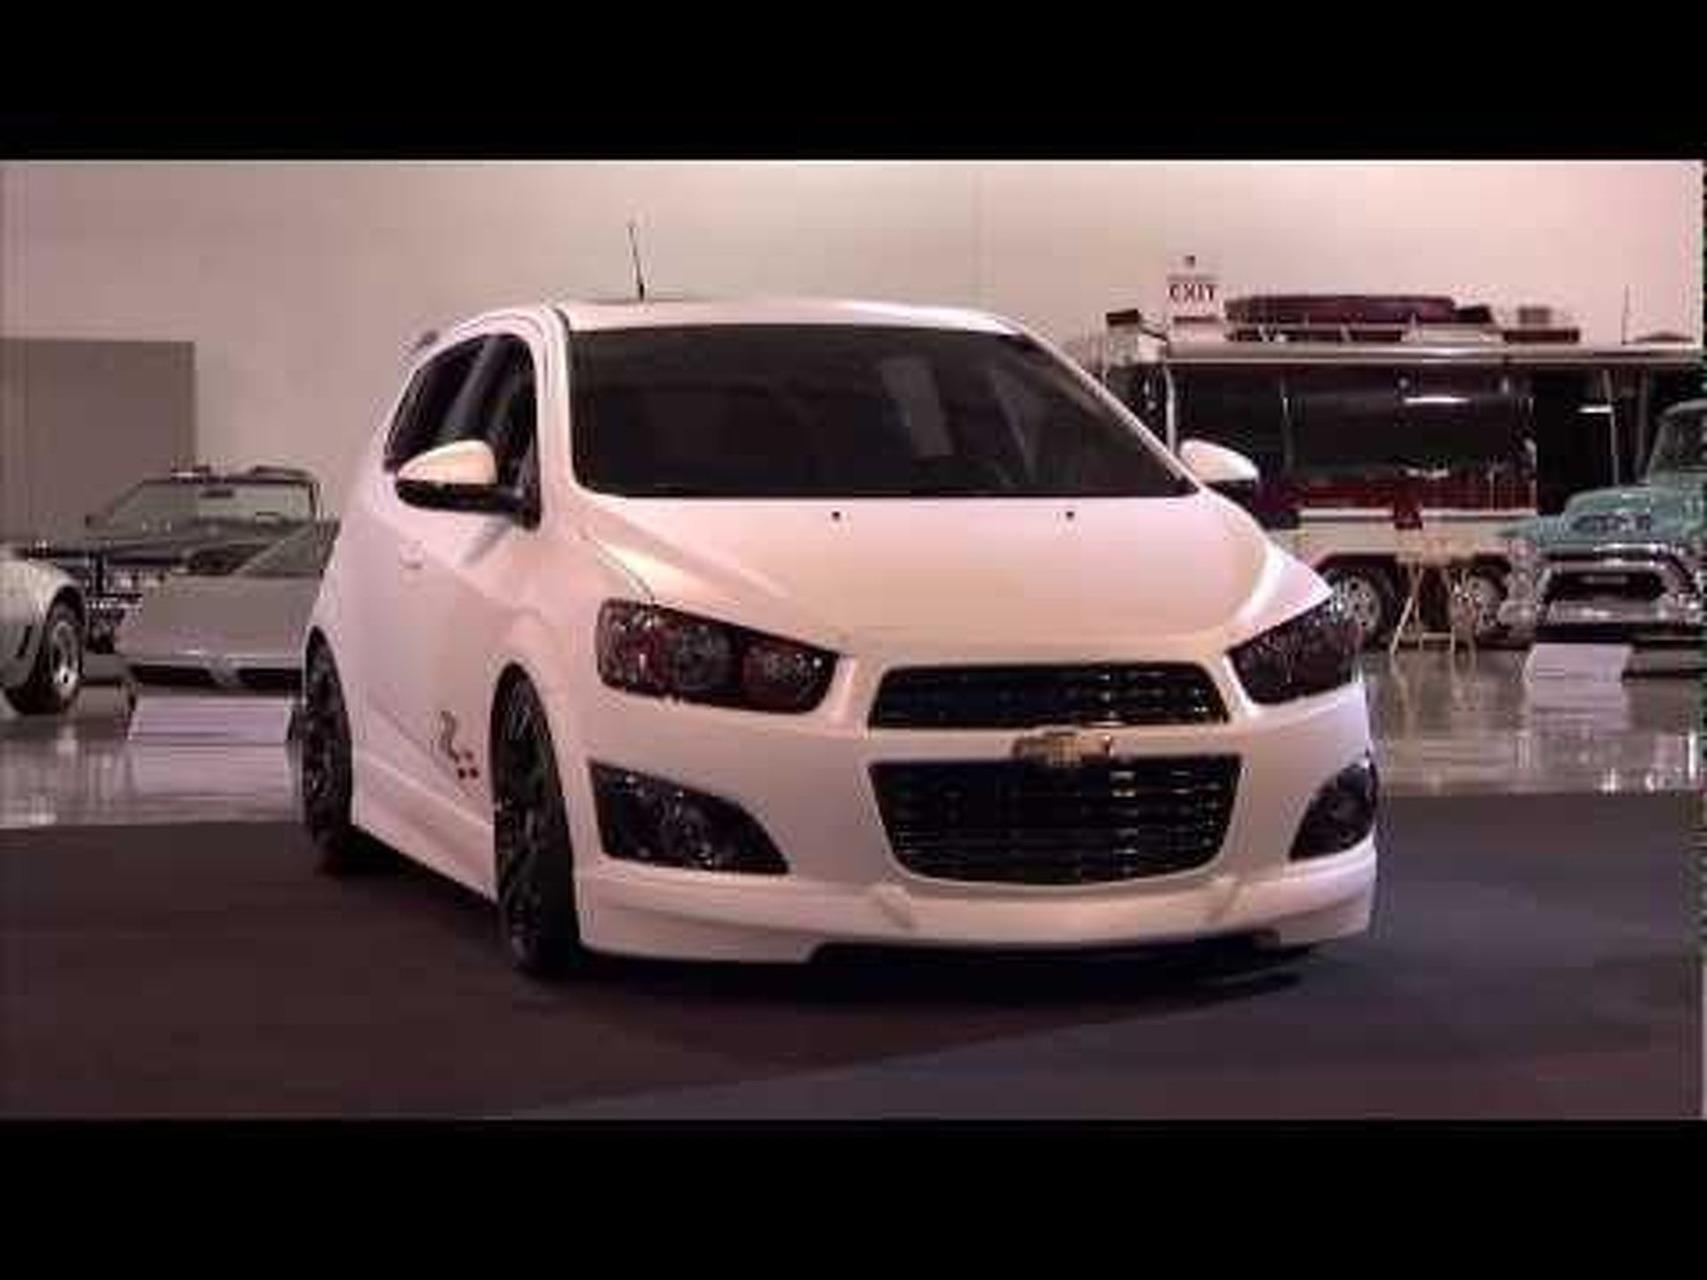 2011 Chevrolet Sonic Z-Spec #2 - SEMA